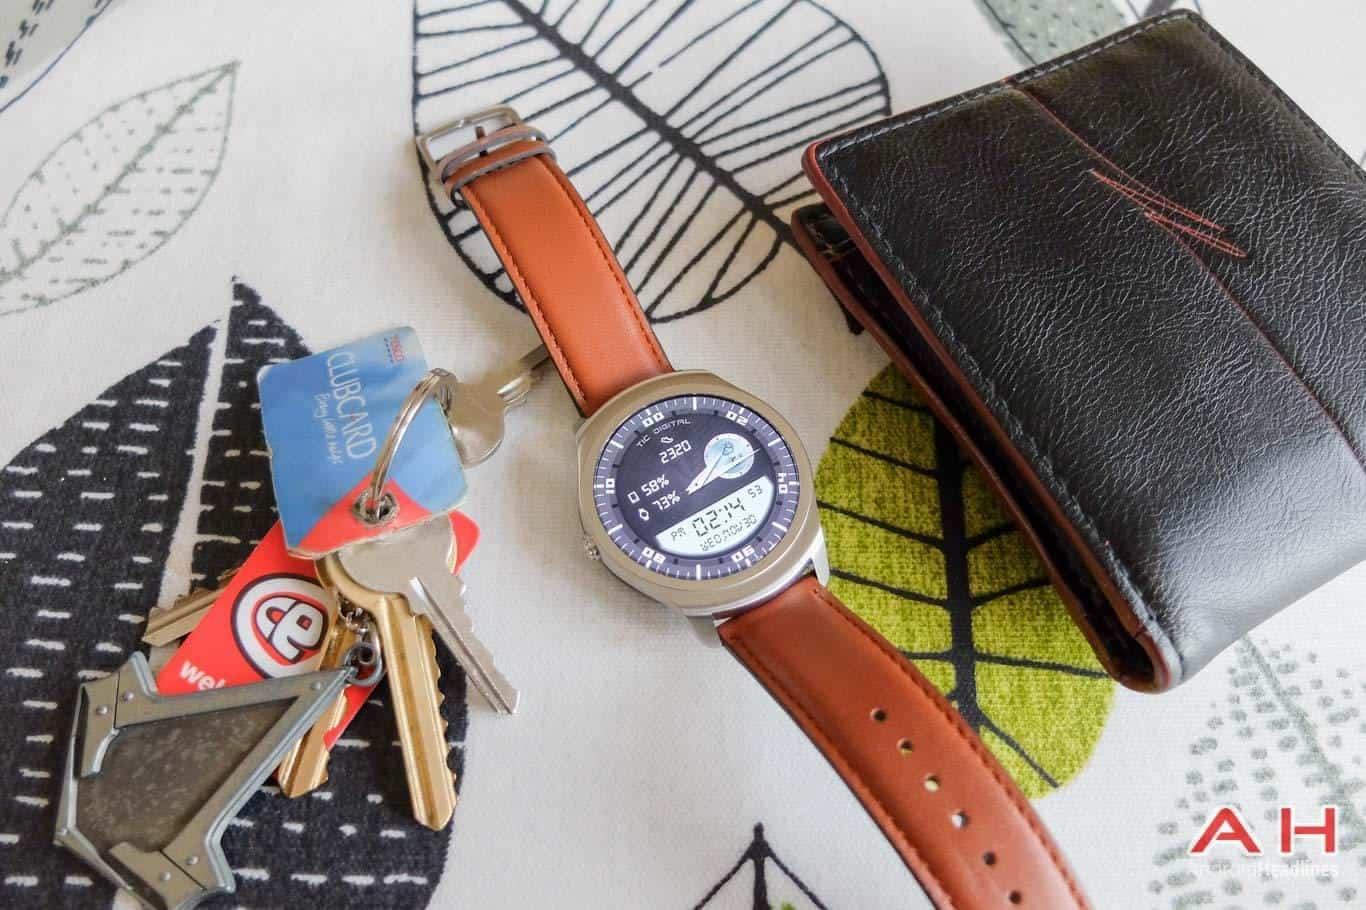 Ticwatch 2 AH TD 16